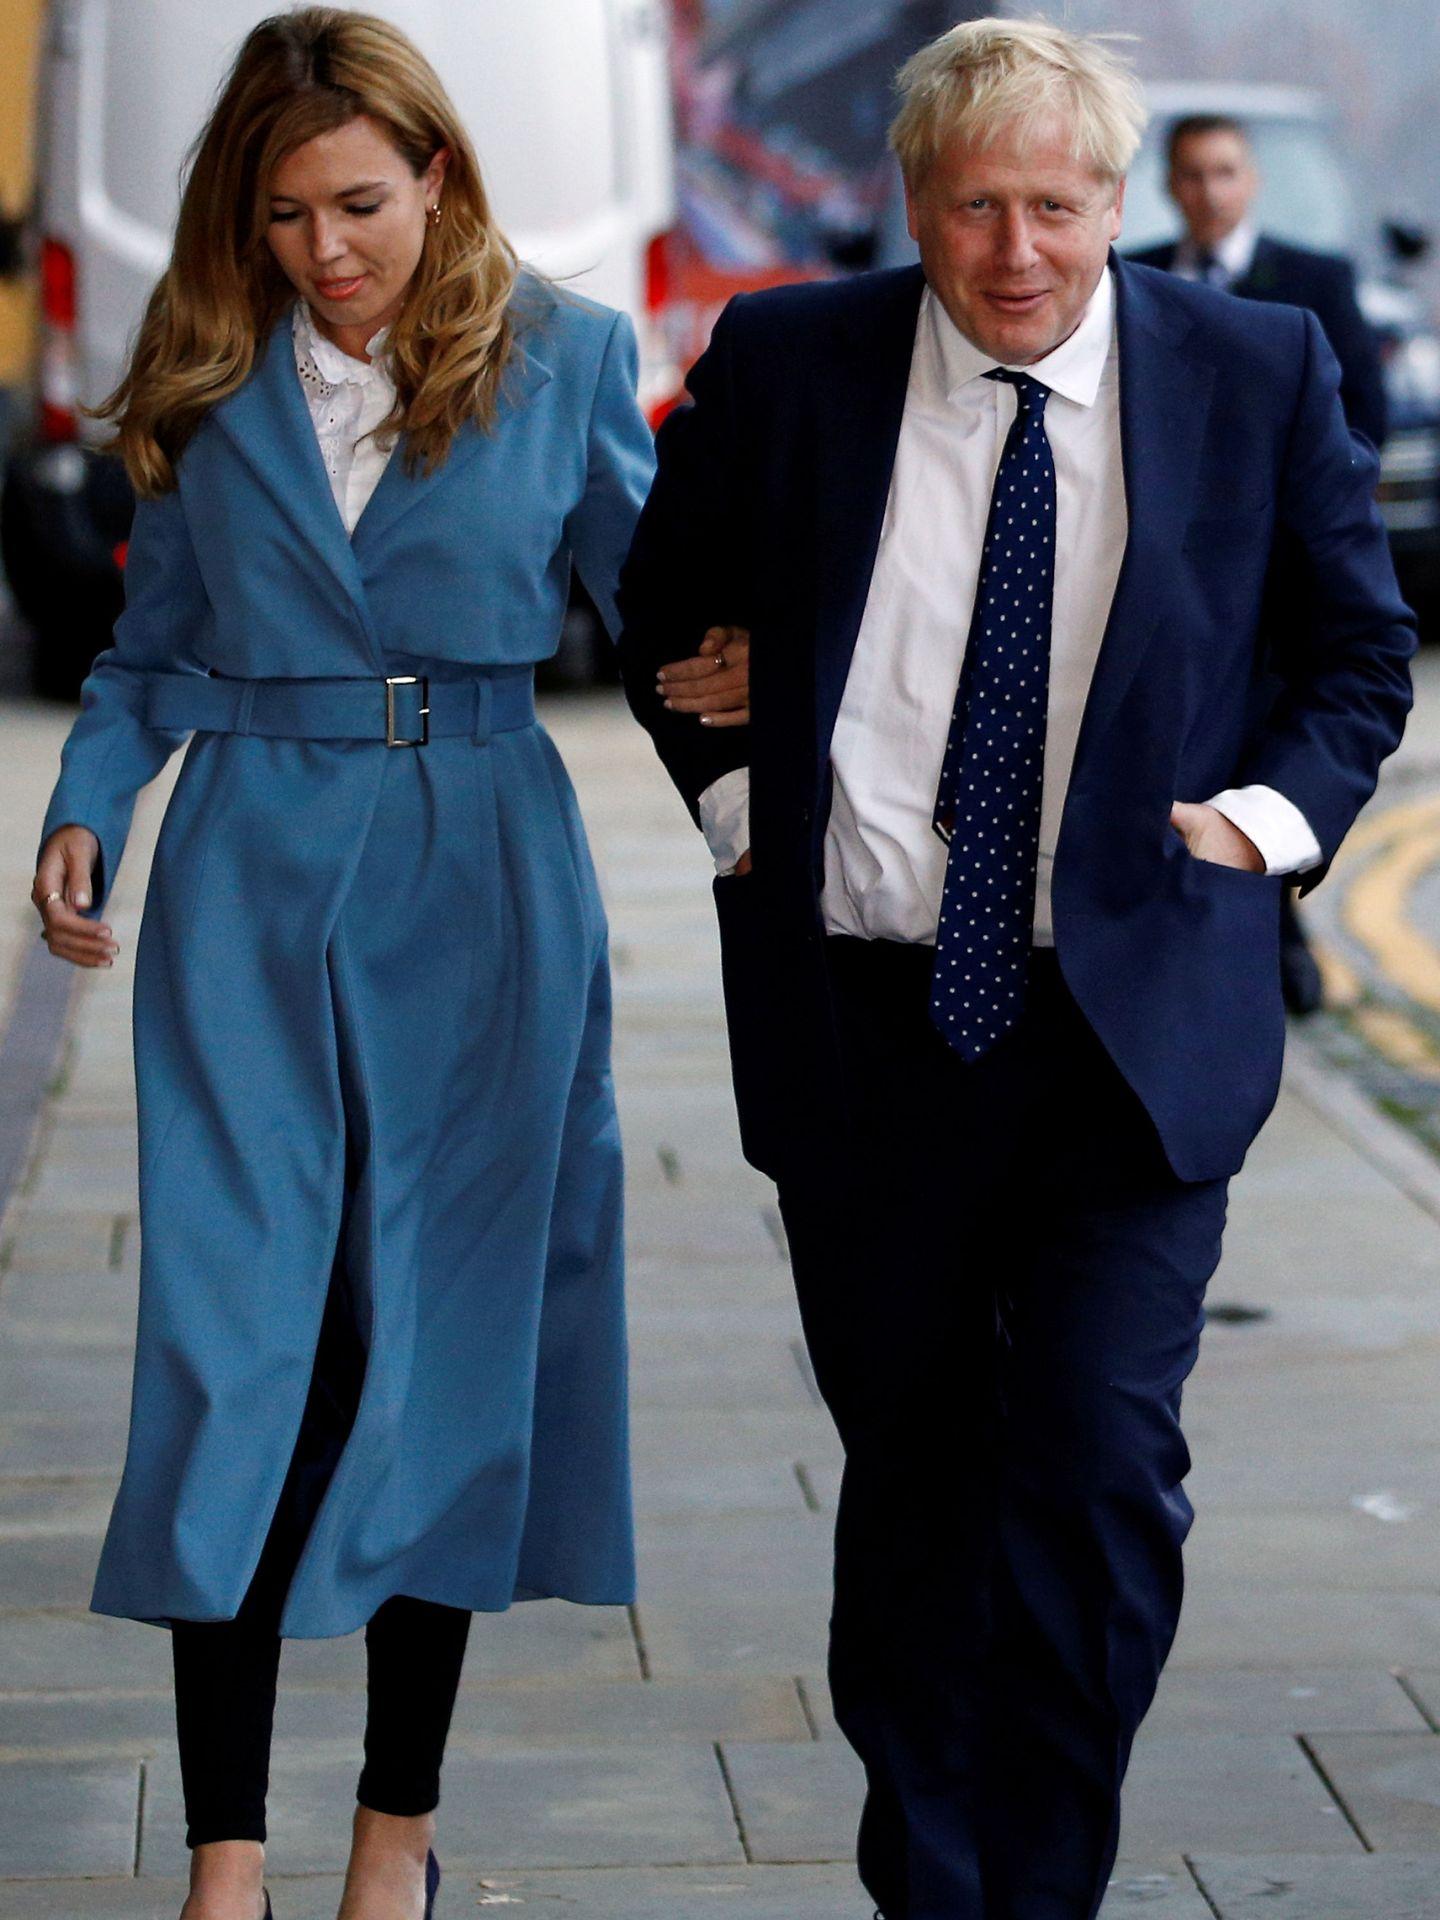 El estilo de Carrie Symonds. (Reuters)